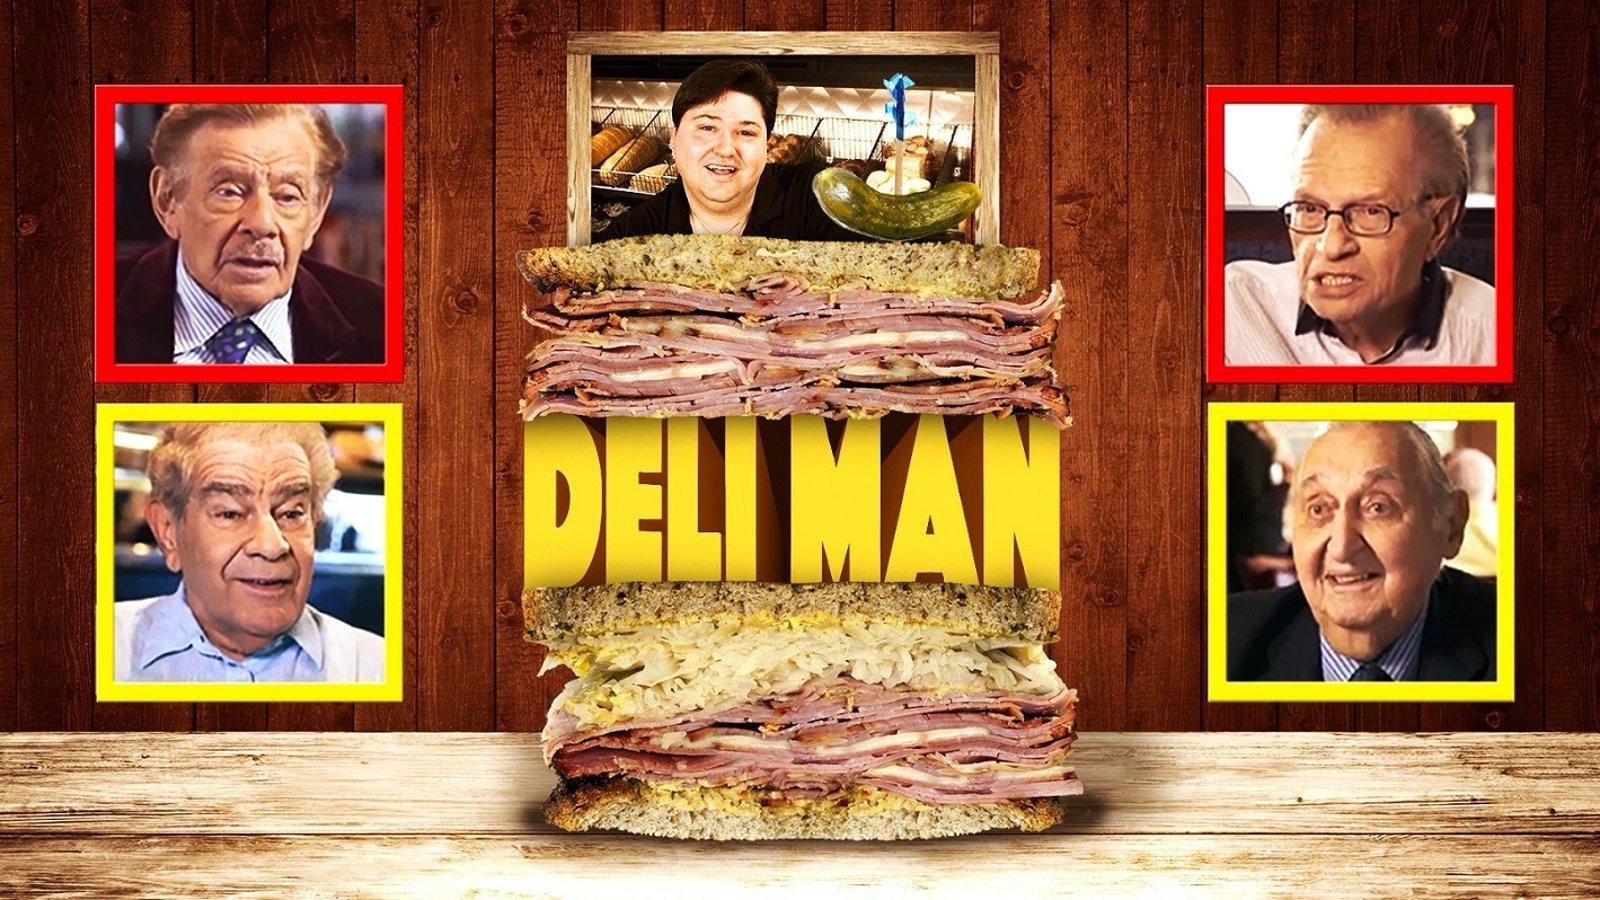 Deli Man - The History of the American Deli